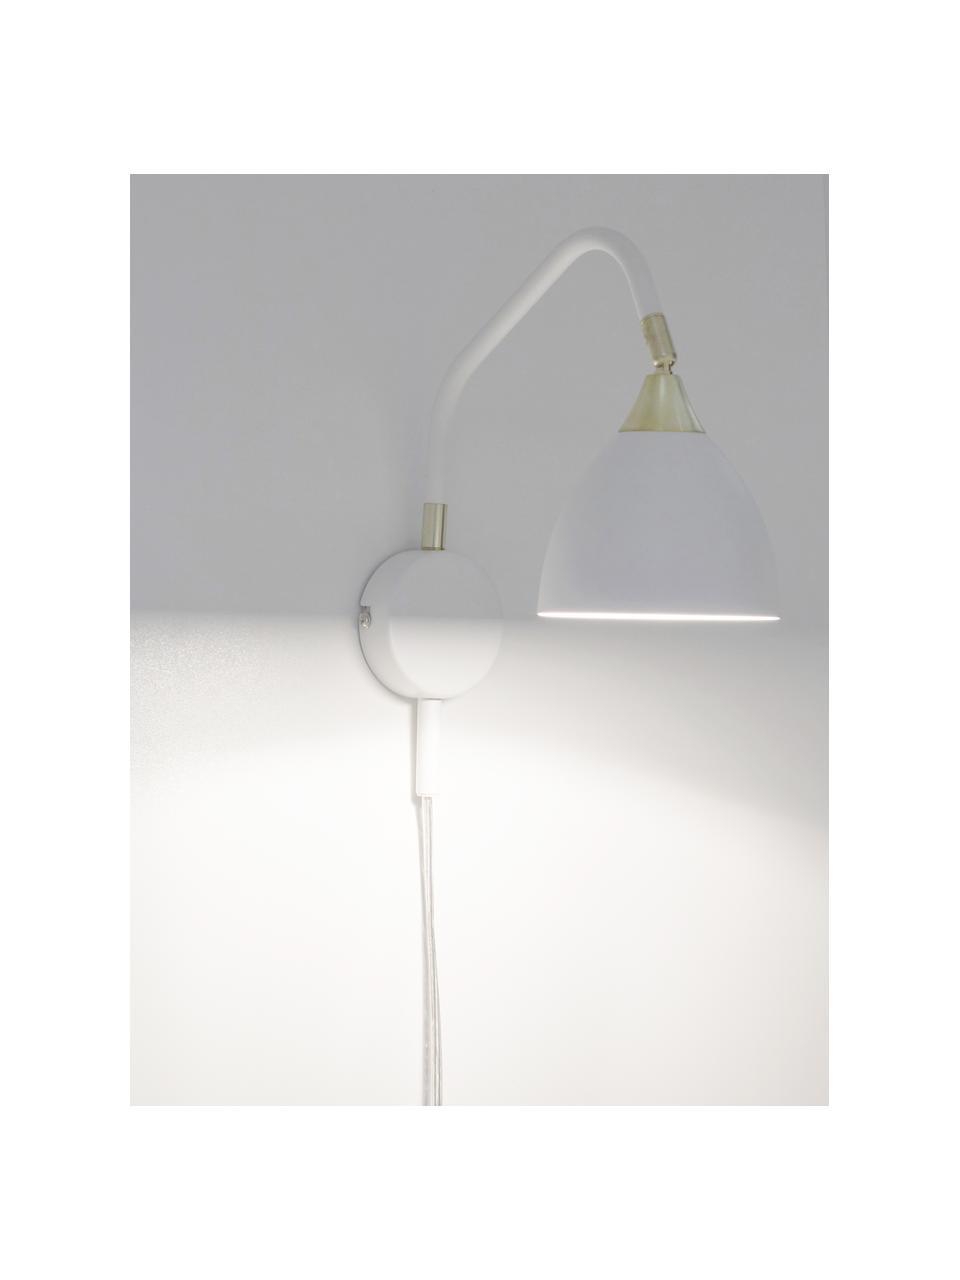 Wandleuchte Luis mit Stecker, Lampenschirm: Metall, lackiert, Gestell: Metall, lackiert, Dekor: Metall, lackiert, Weiß, Messingfarben, 12 x 29 cm